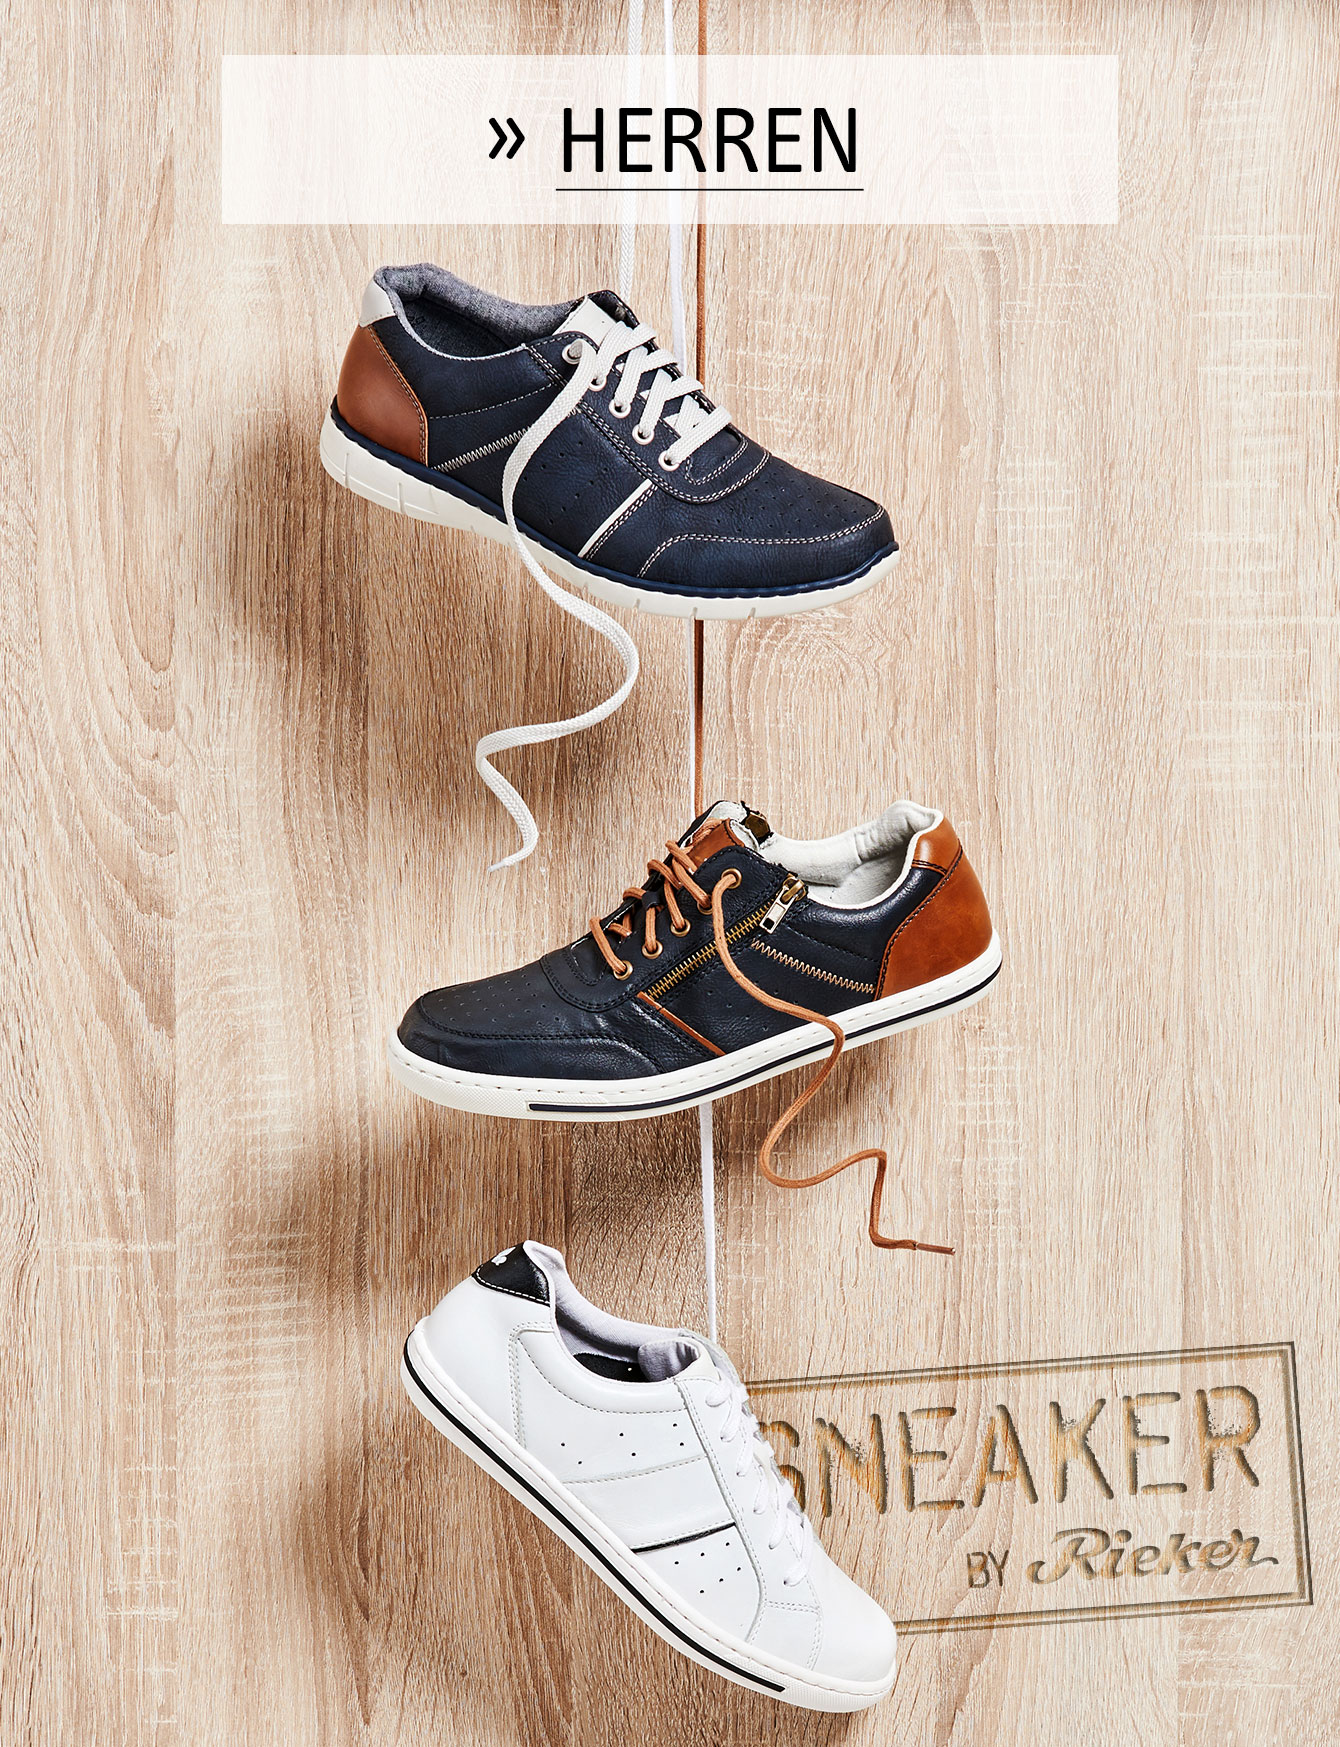 Von Herren Eeqdbowrcx Amazon Y76bgyf Schuhe Rieker LUMGqVpSz